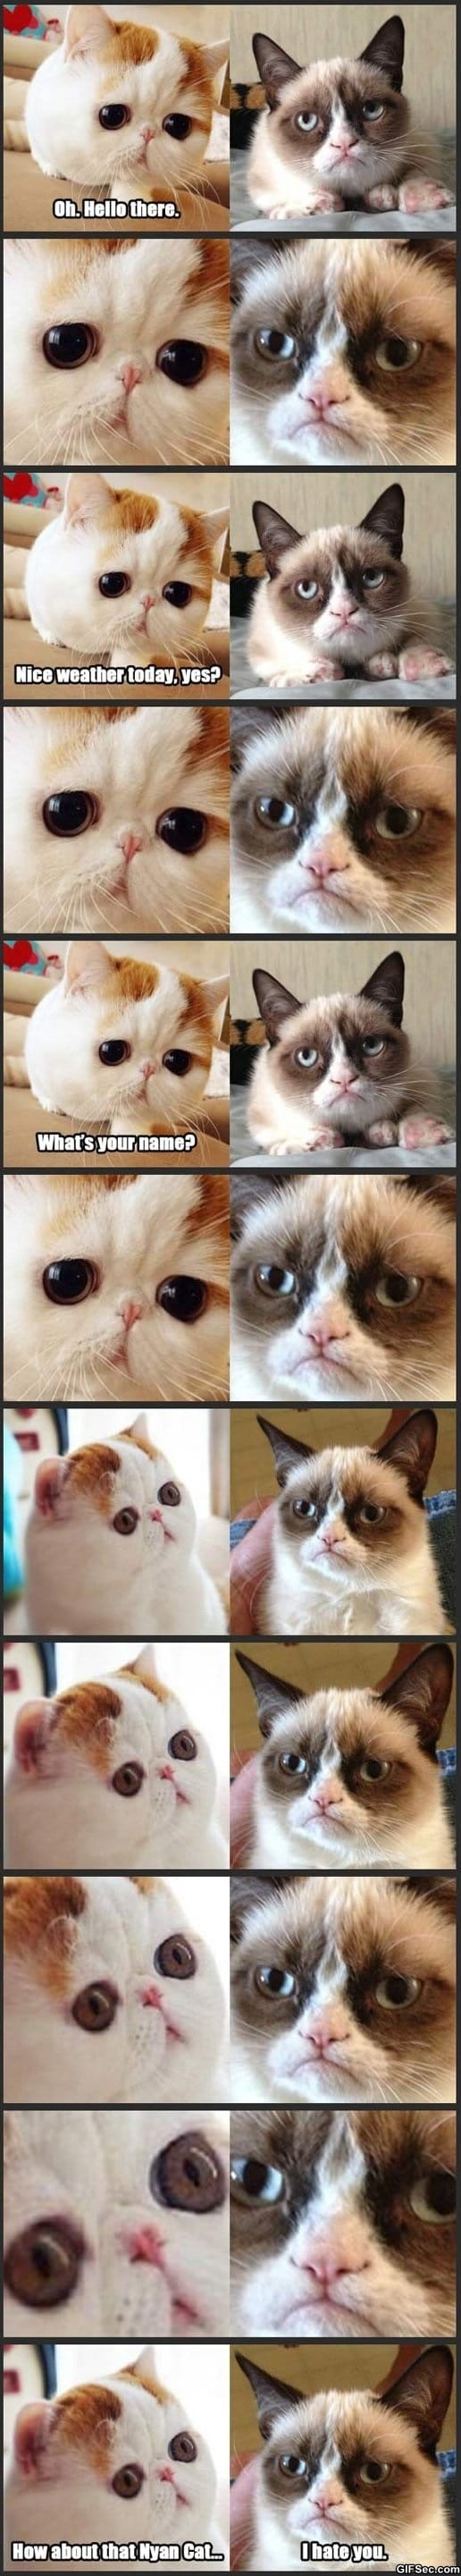 lol-snoopy-cat-meets-grumpy-cat